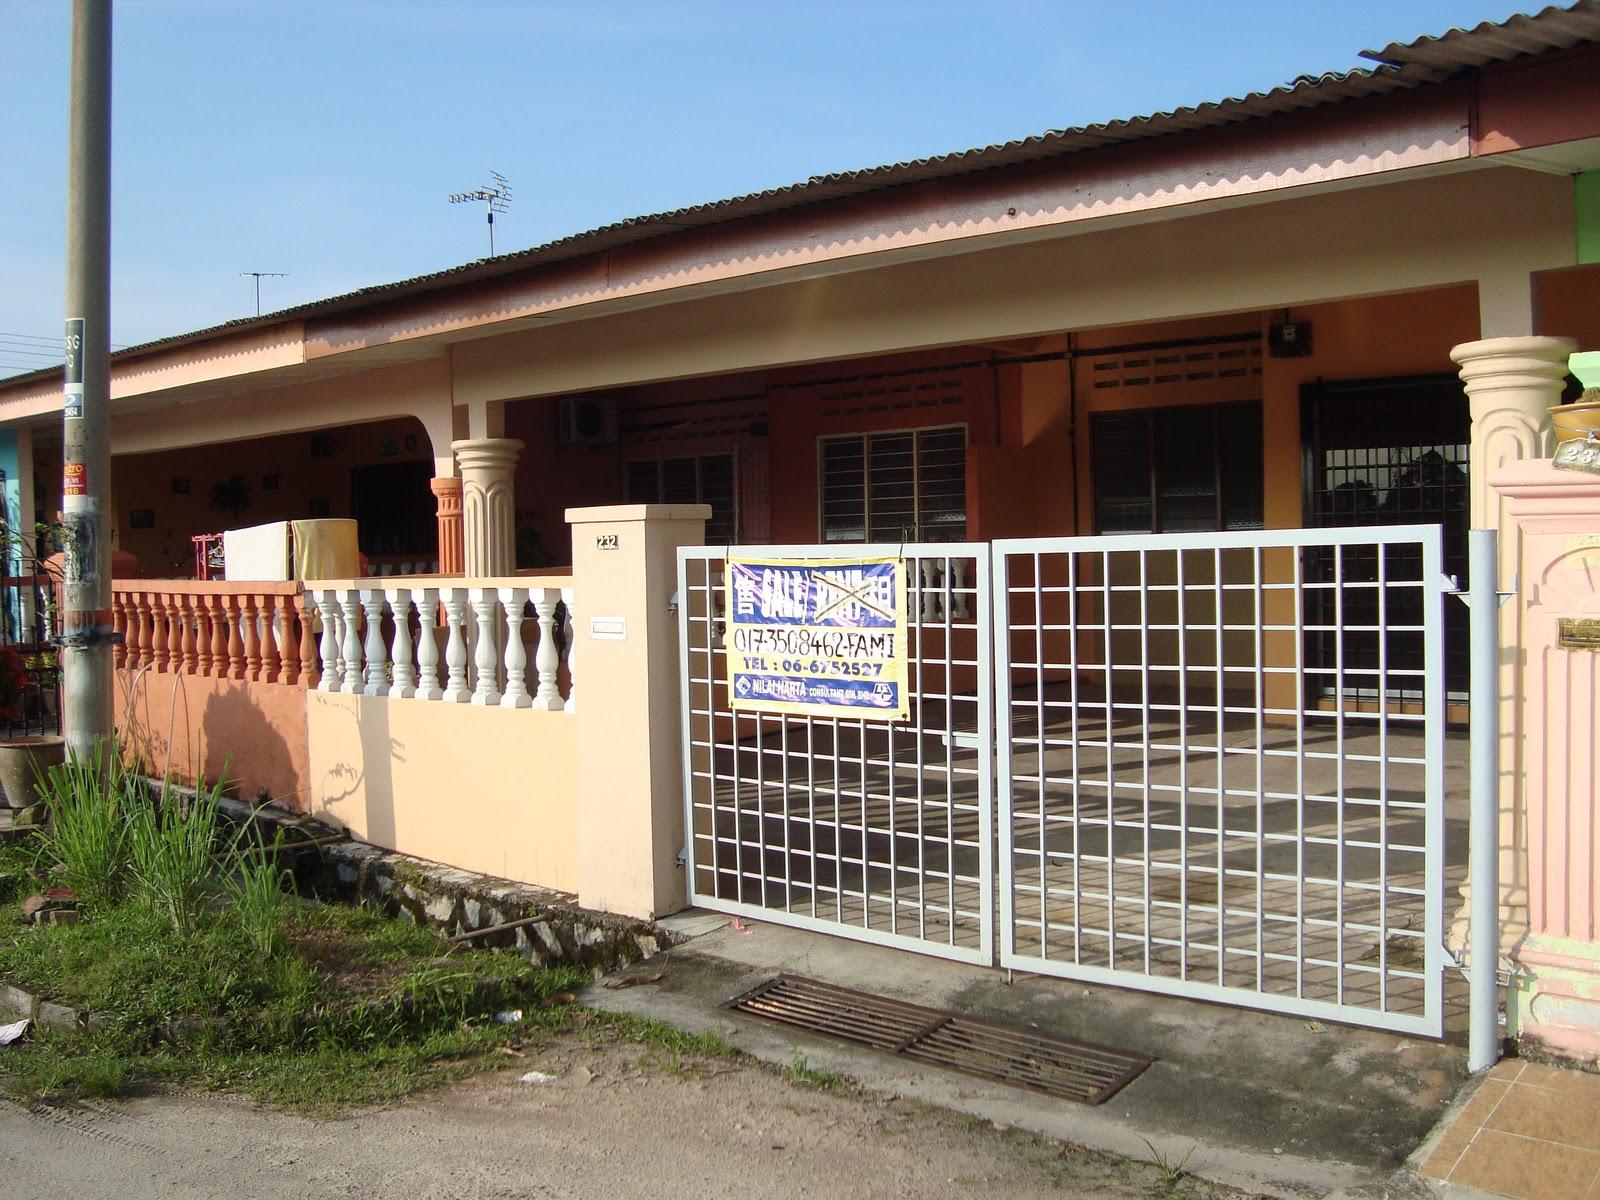 Rumah Teres Kos Rendah Selangor Sepamer A